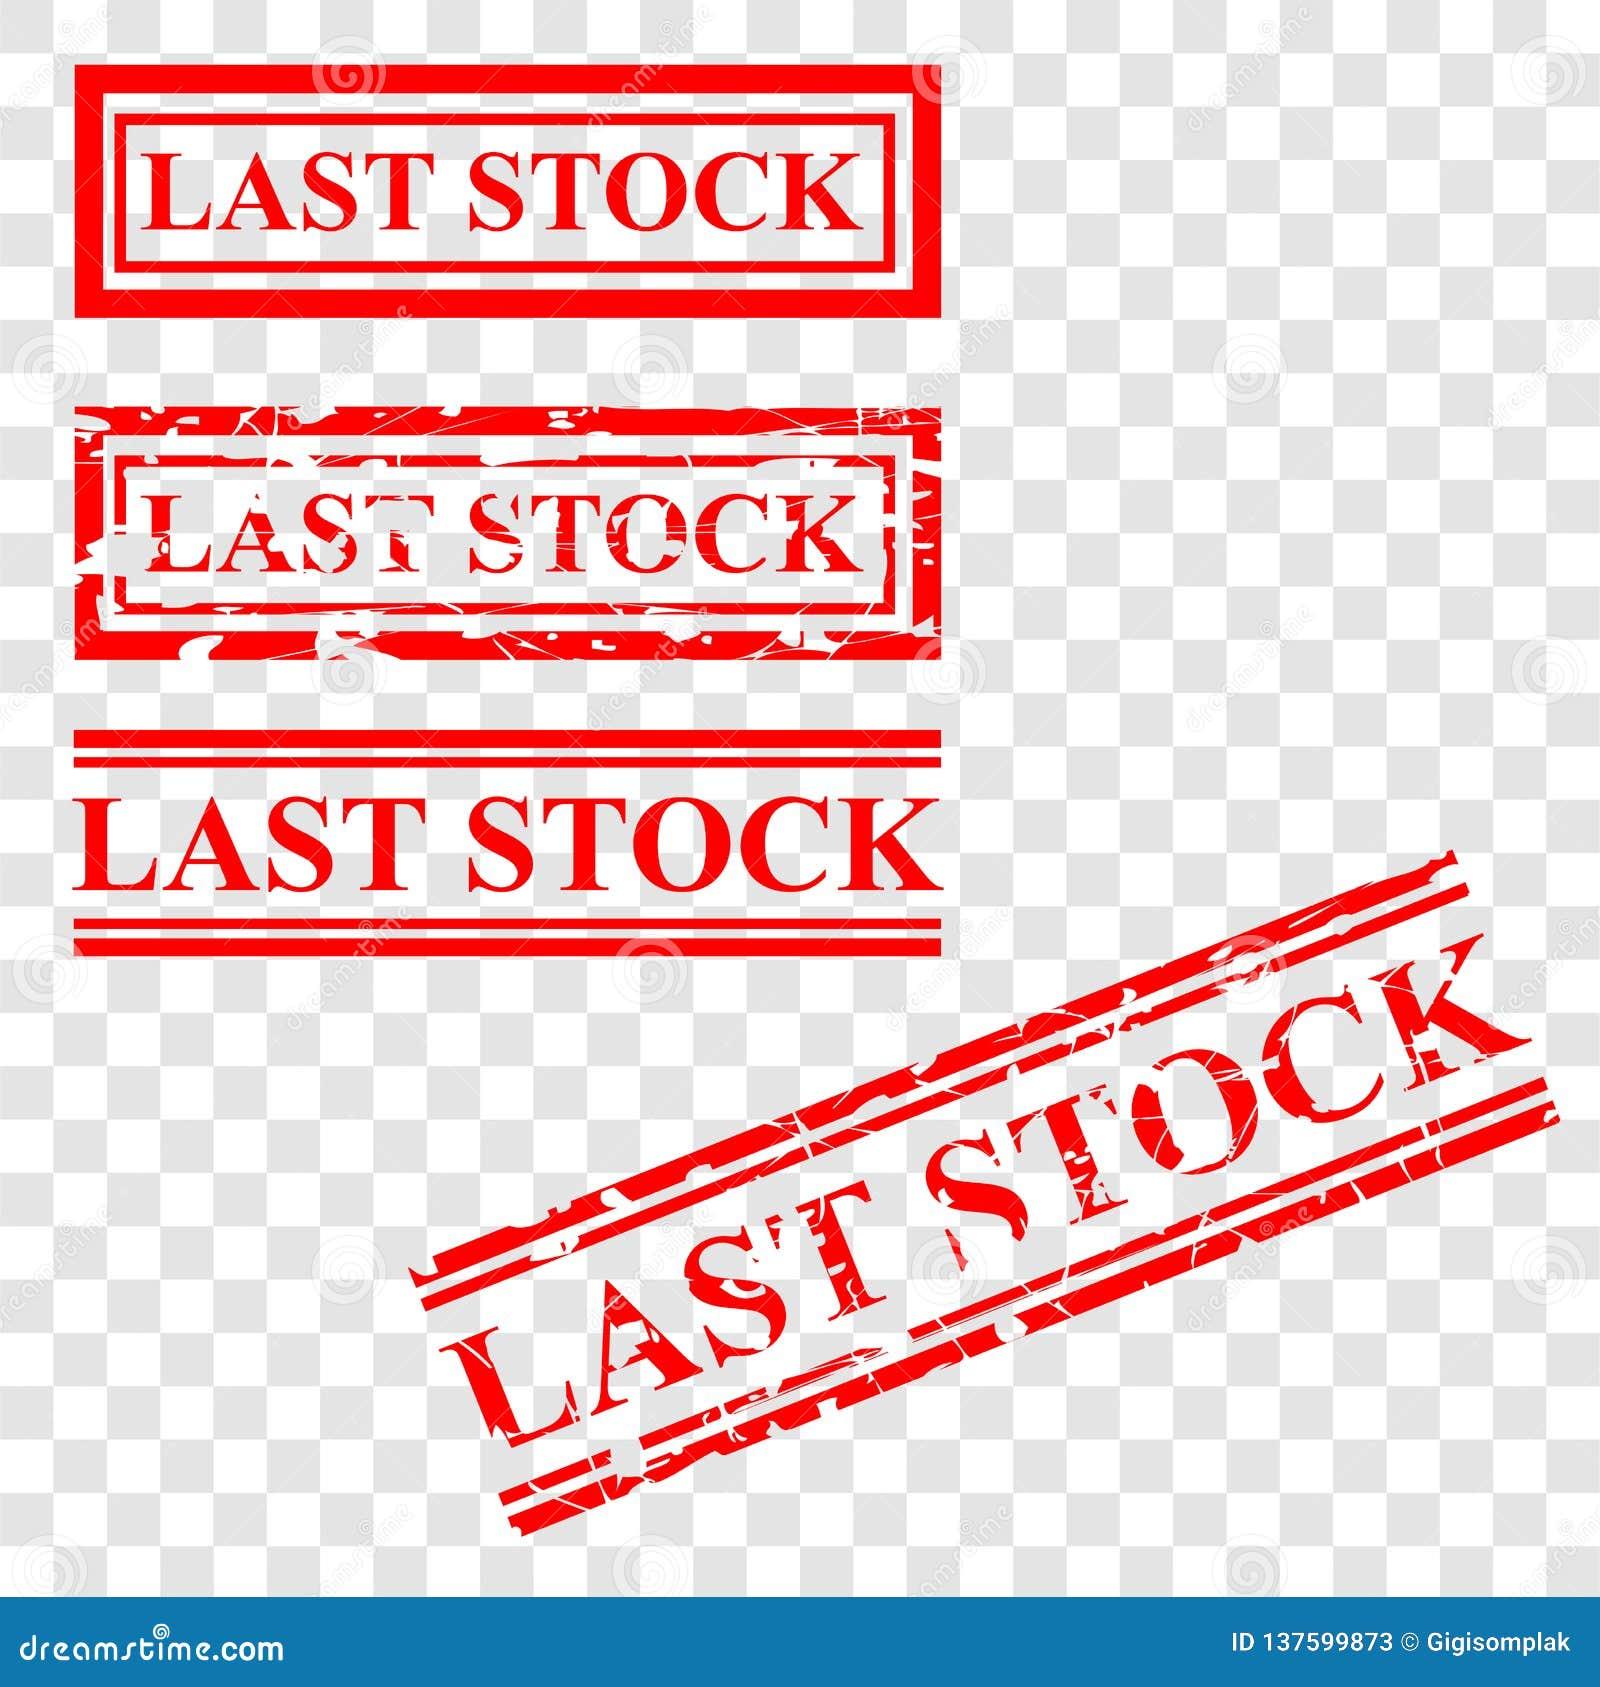 传染媒介设置了红色不加考虑表赞同的人,在透明作用背景的前个股票